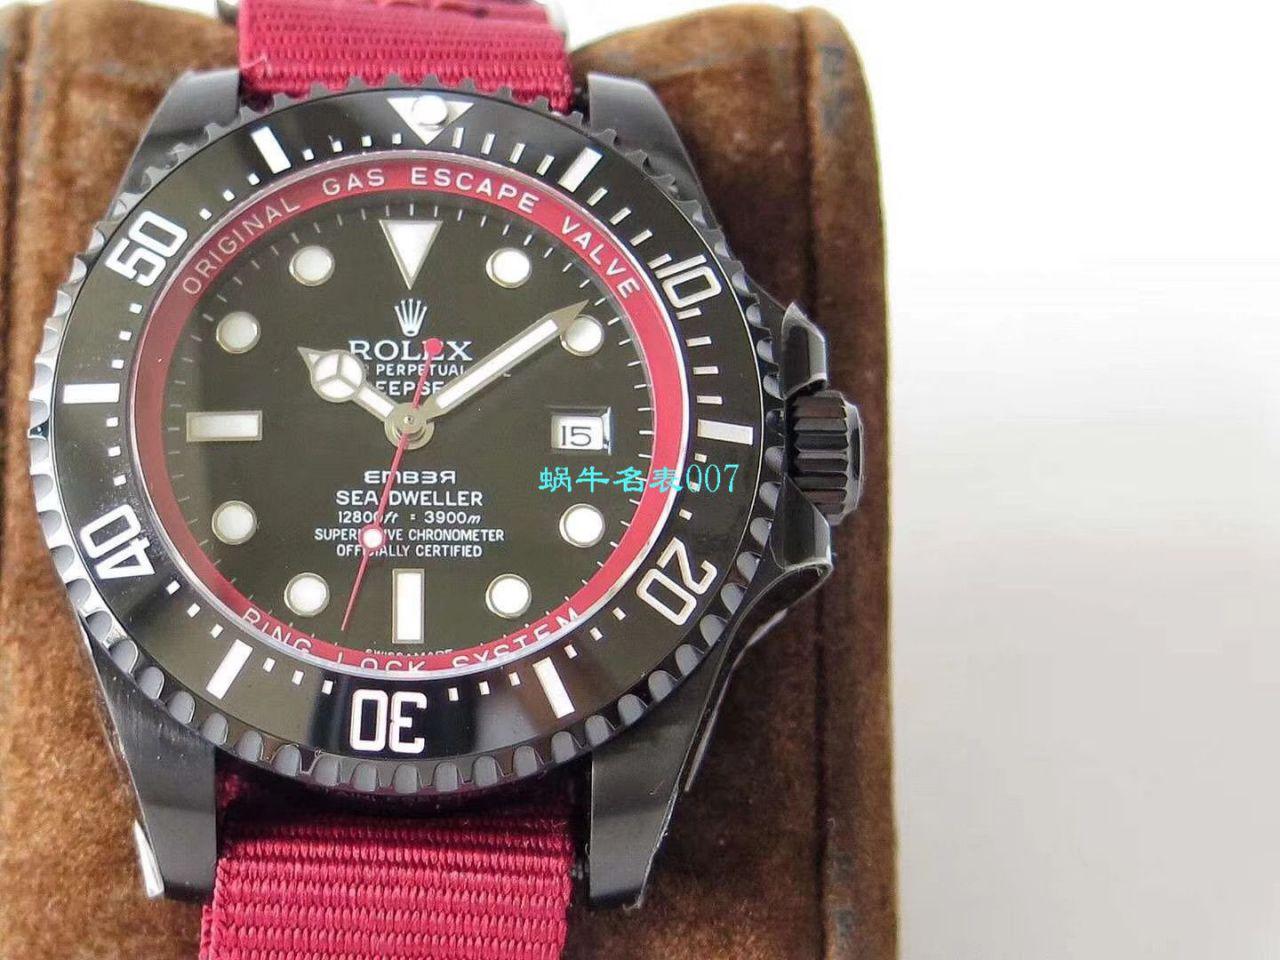 【VR厂复刻劳力士红魔】SEA深潜系列BAMFORD WATCH海外定制版腕表